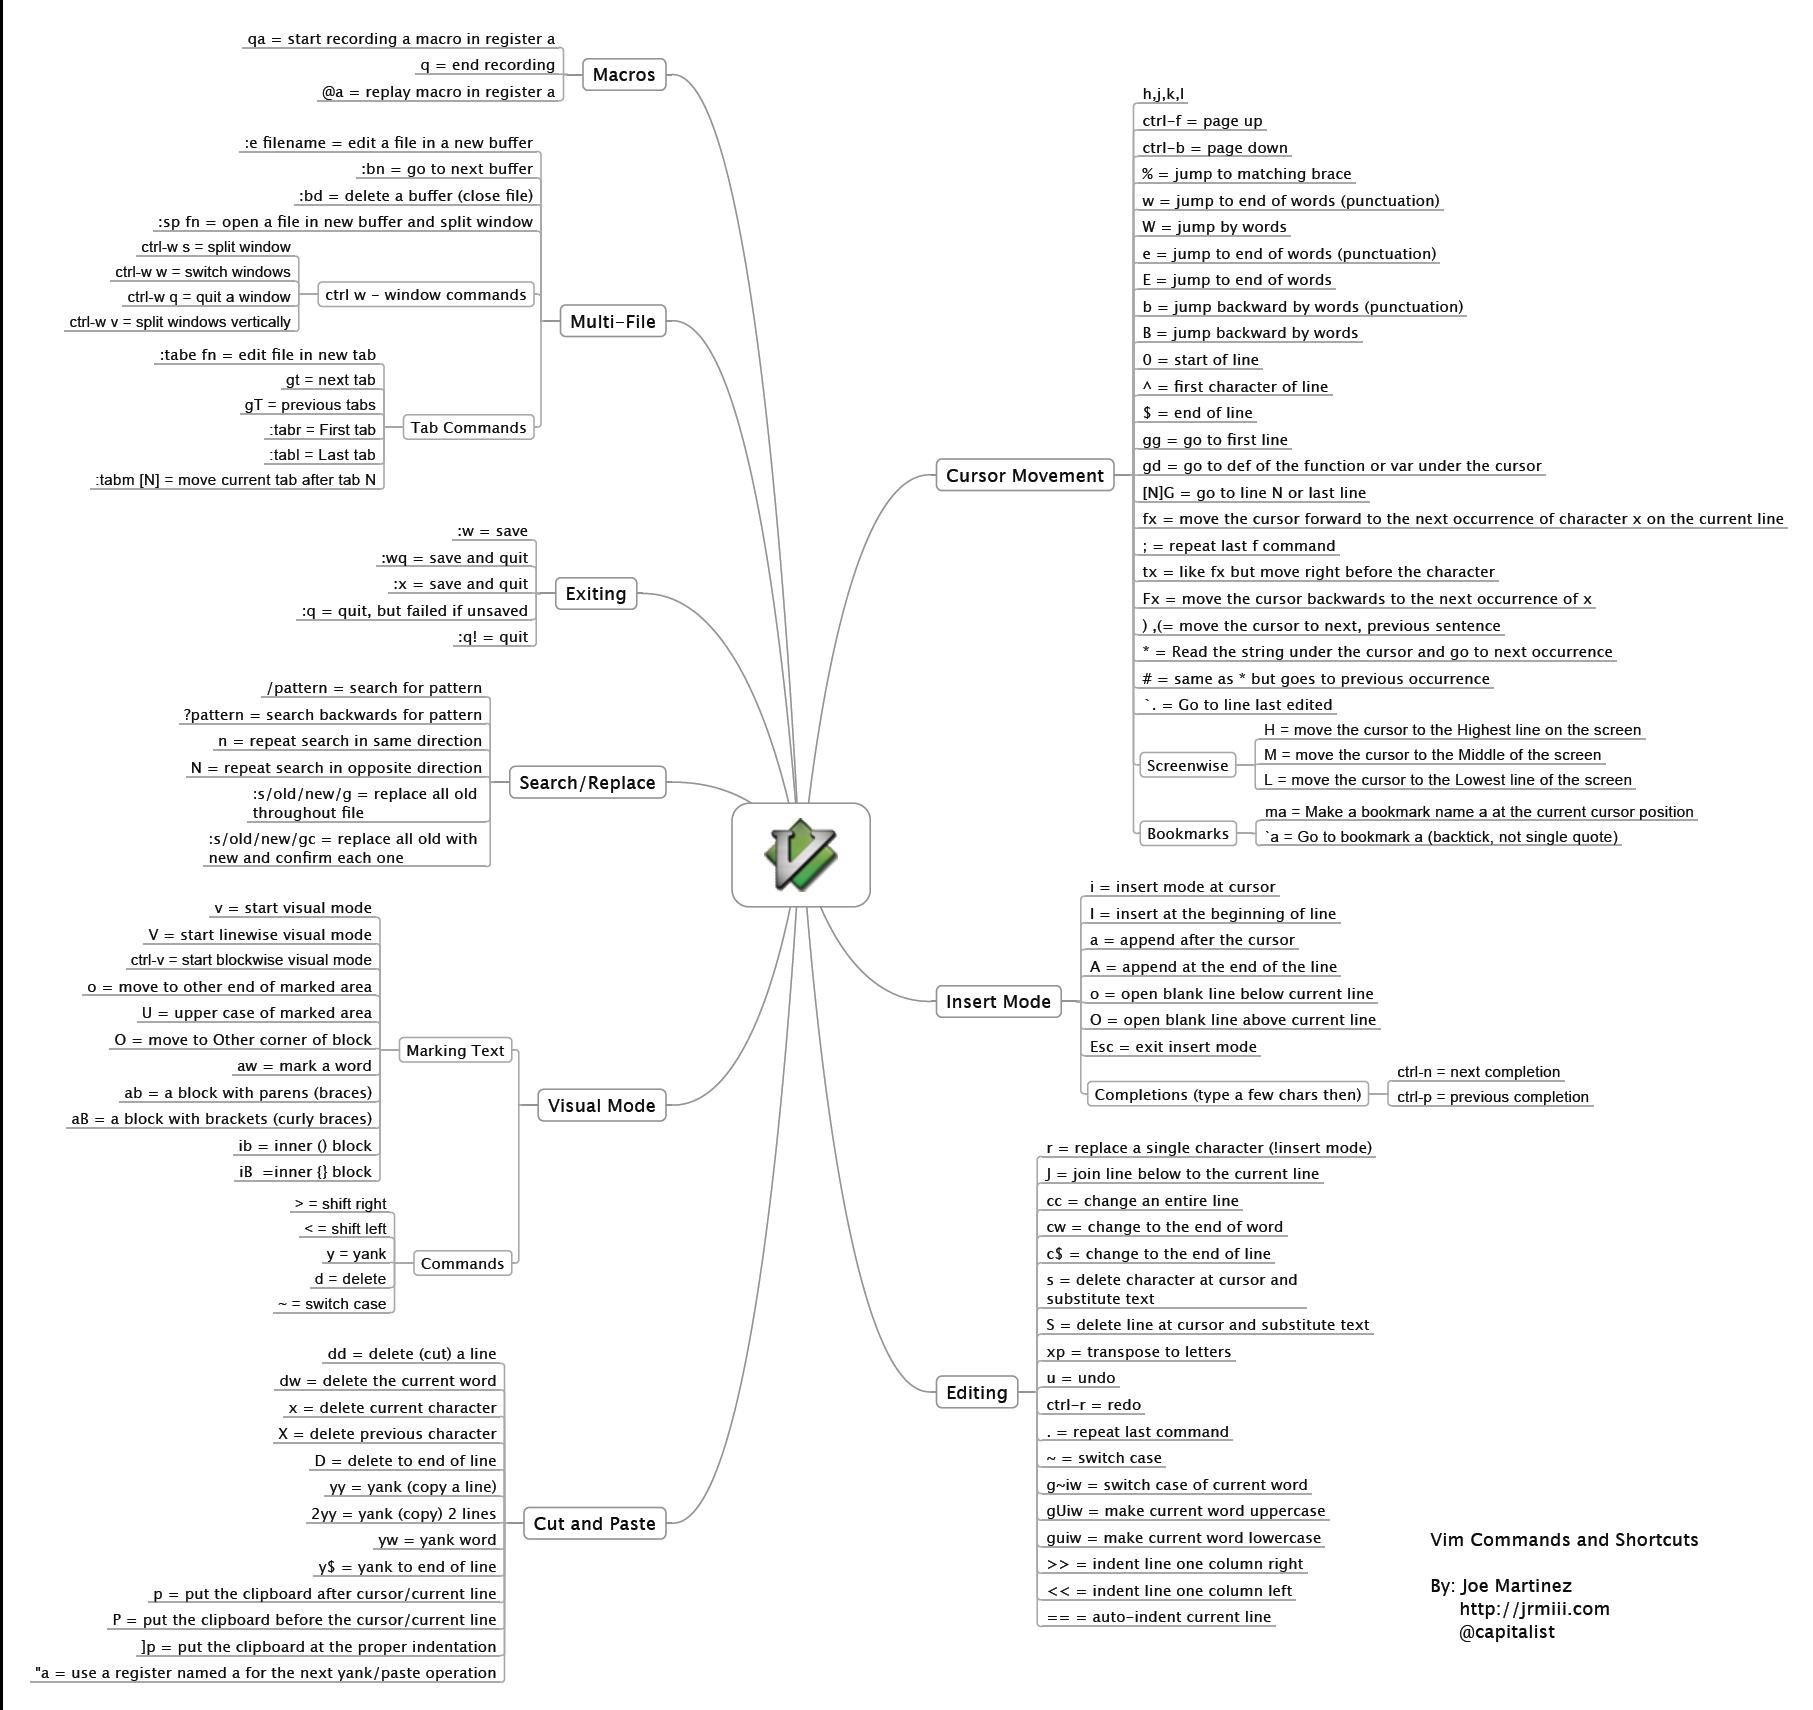 OS + Linux Edit emacs /vi vim /SciTE /gedit /kedit